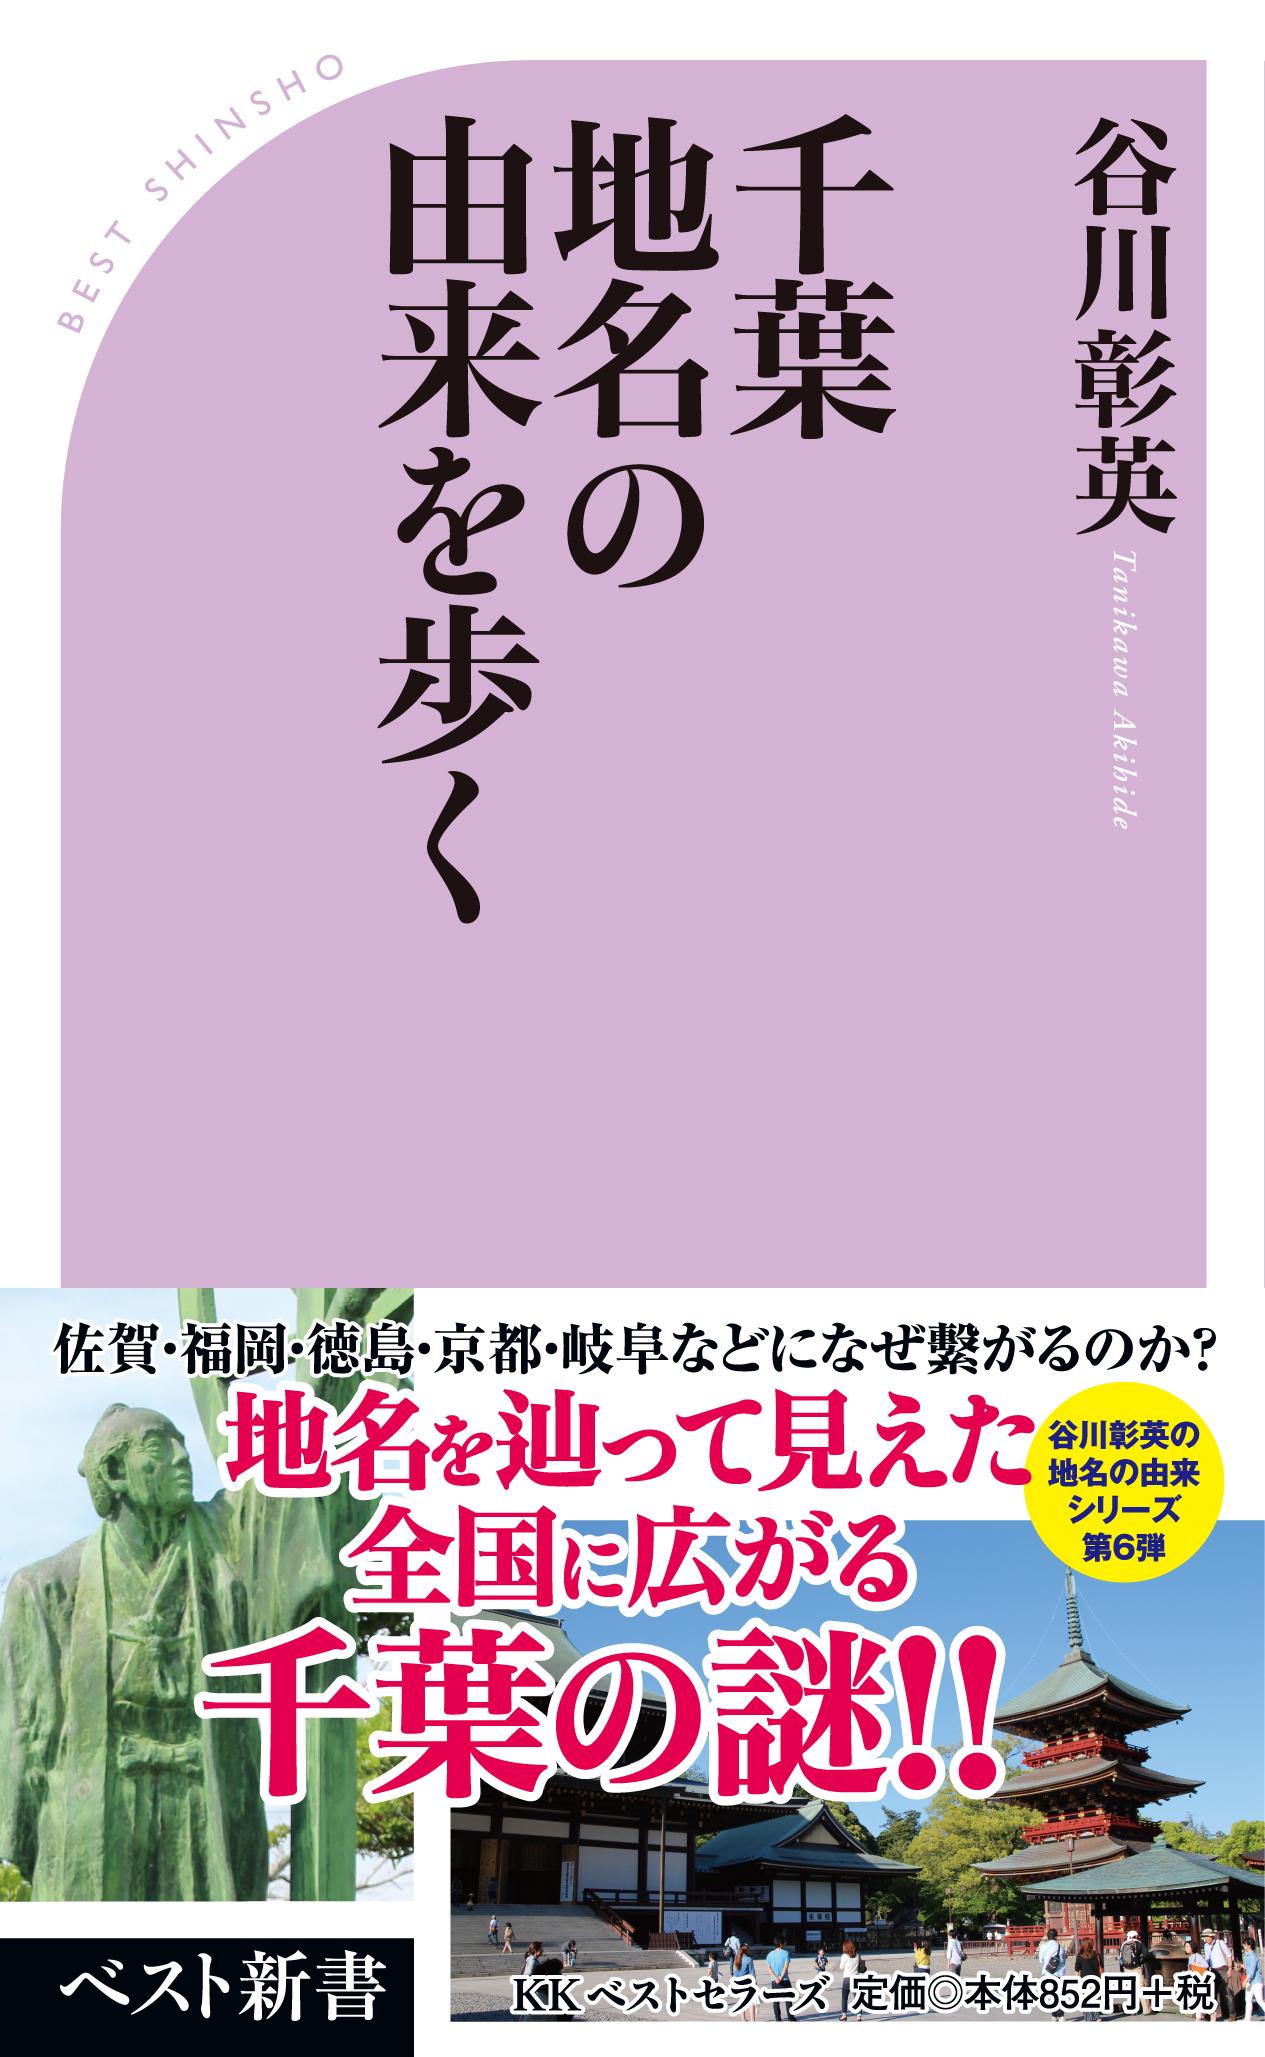 新書『千葉 地名の由来を歩く』が朝雲新聞にて、紹介されました。